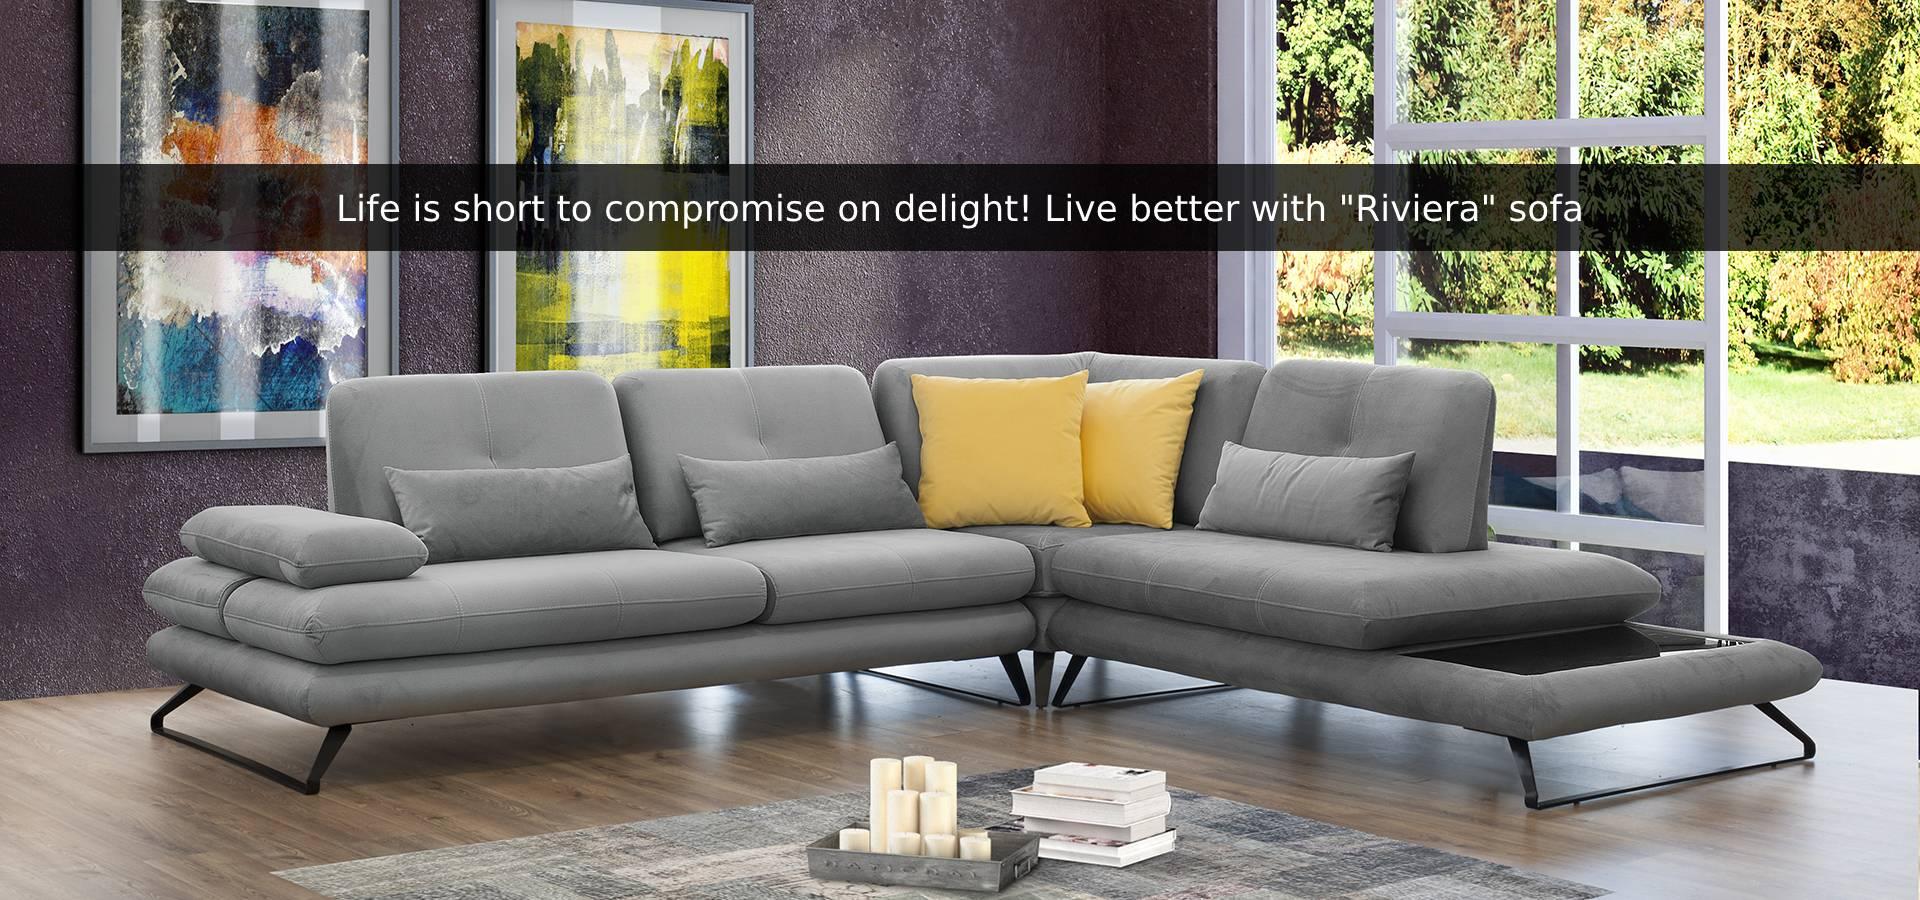 Riviera sofa